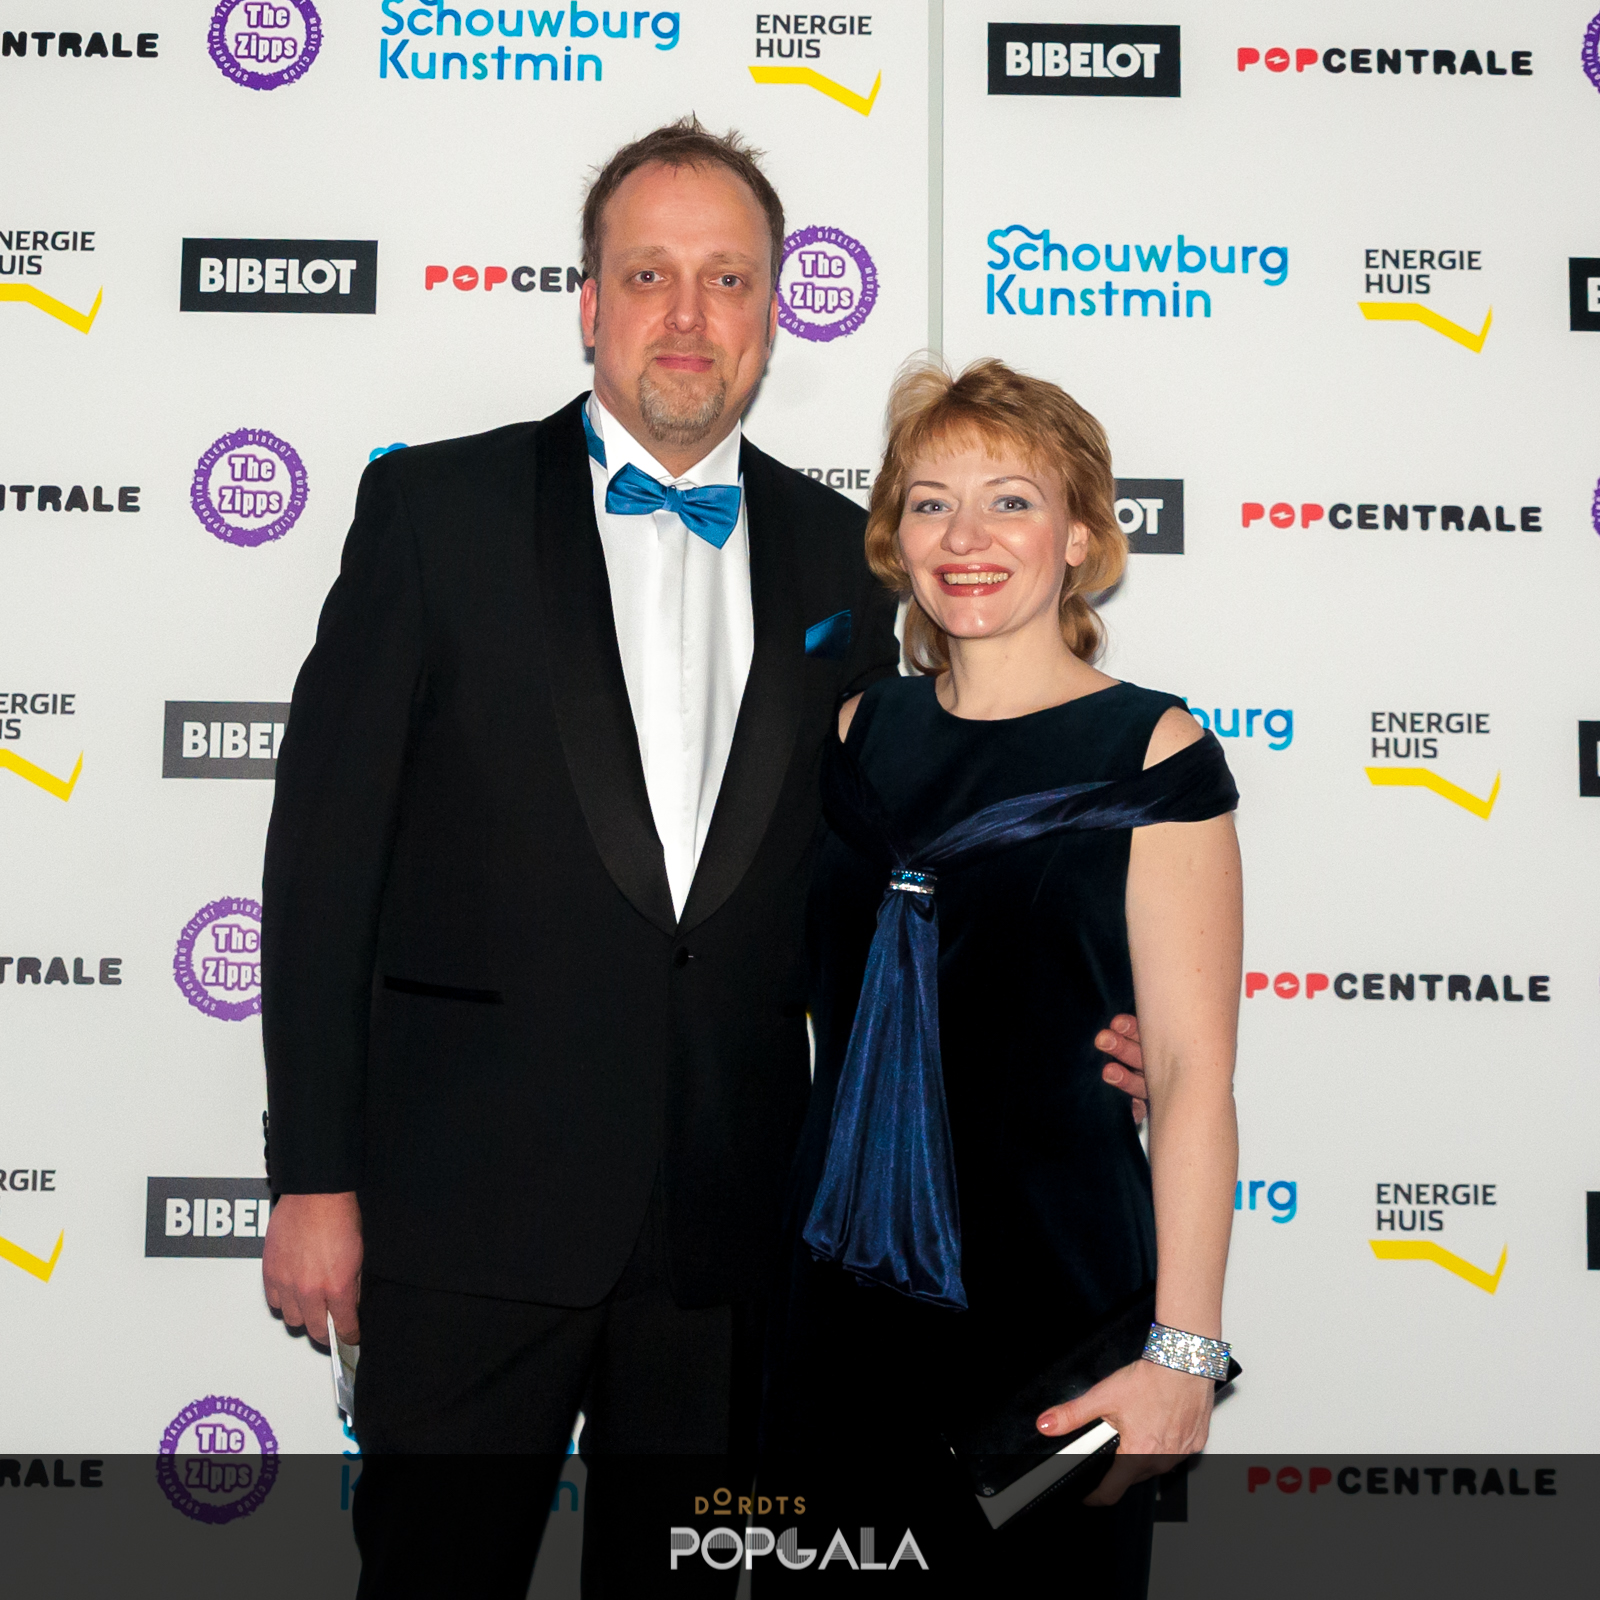 Dordts Popgala 2019